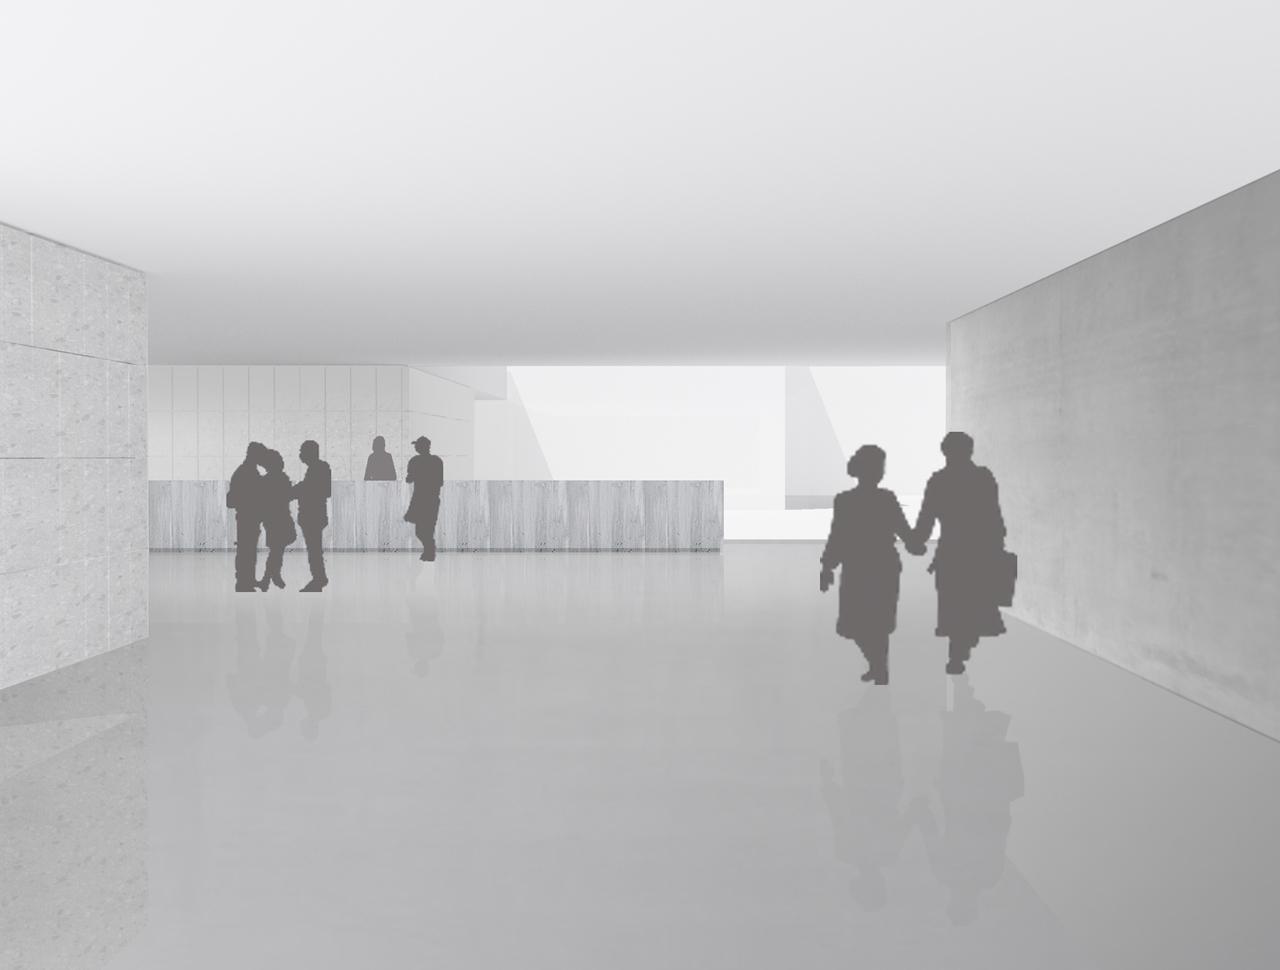 Wettbewerb Galerie der Gegenwart Saarbrücken